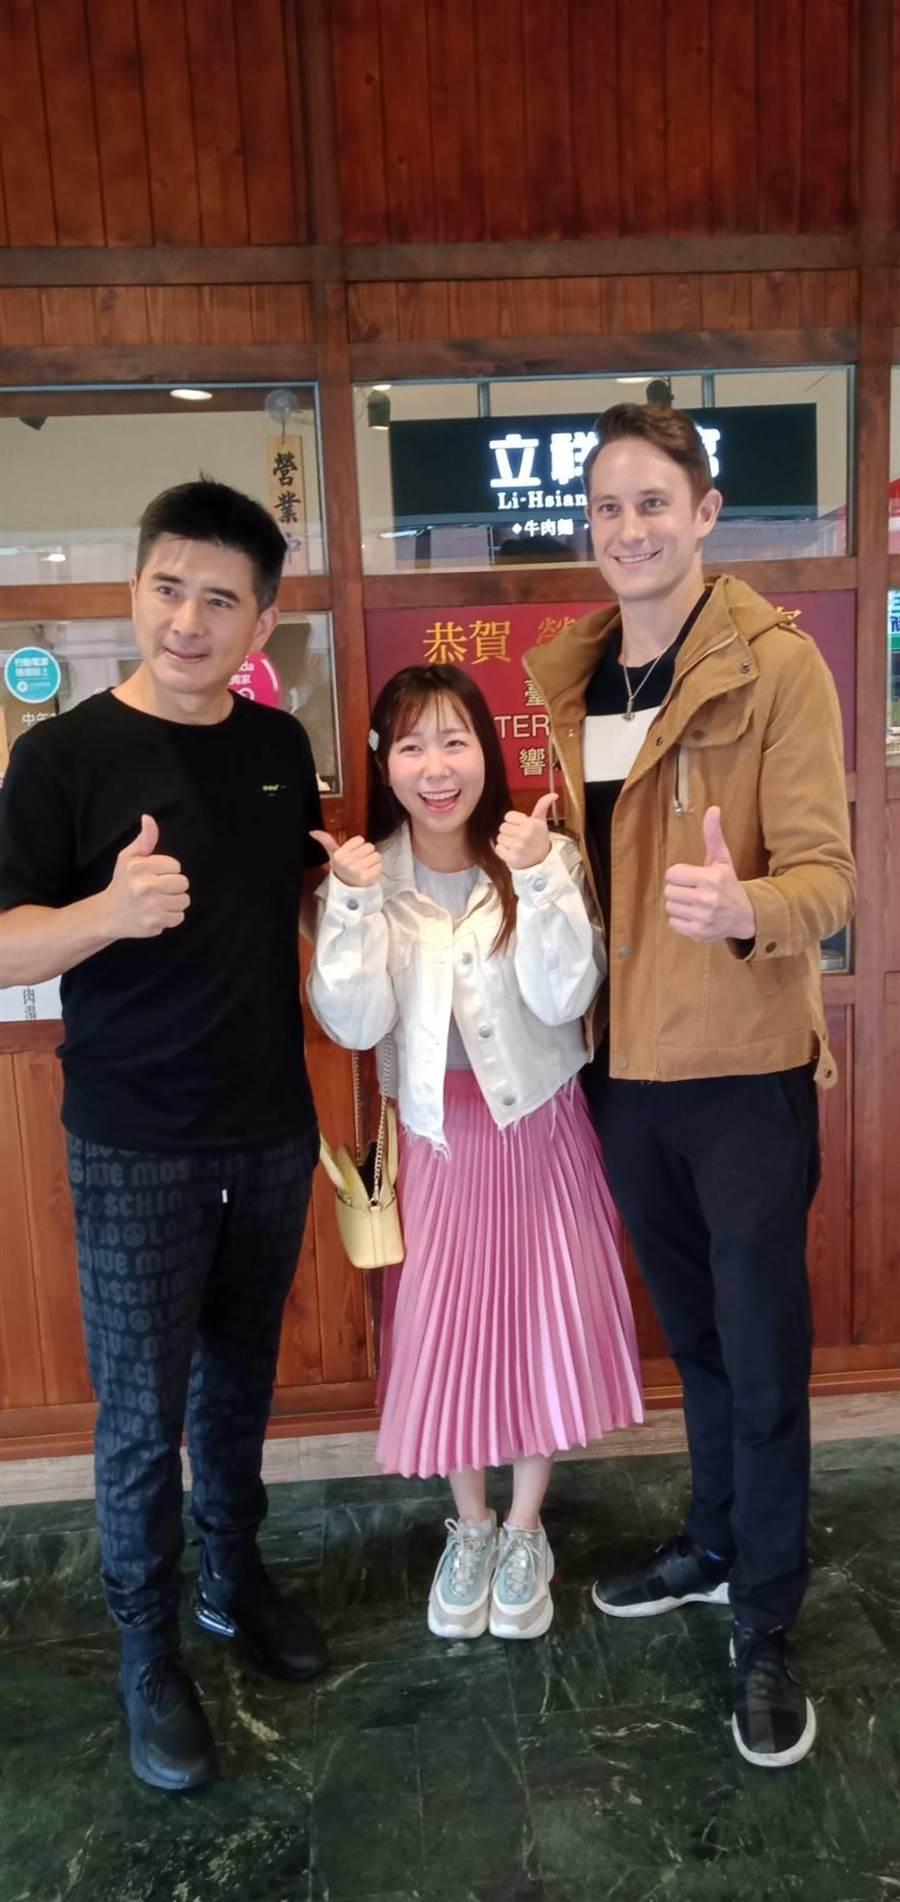 邵昕(左起)、早川小百合與馬丁合影留念。(國興衛視提供)